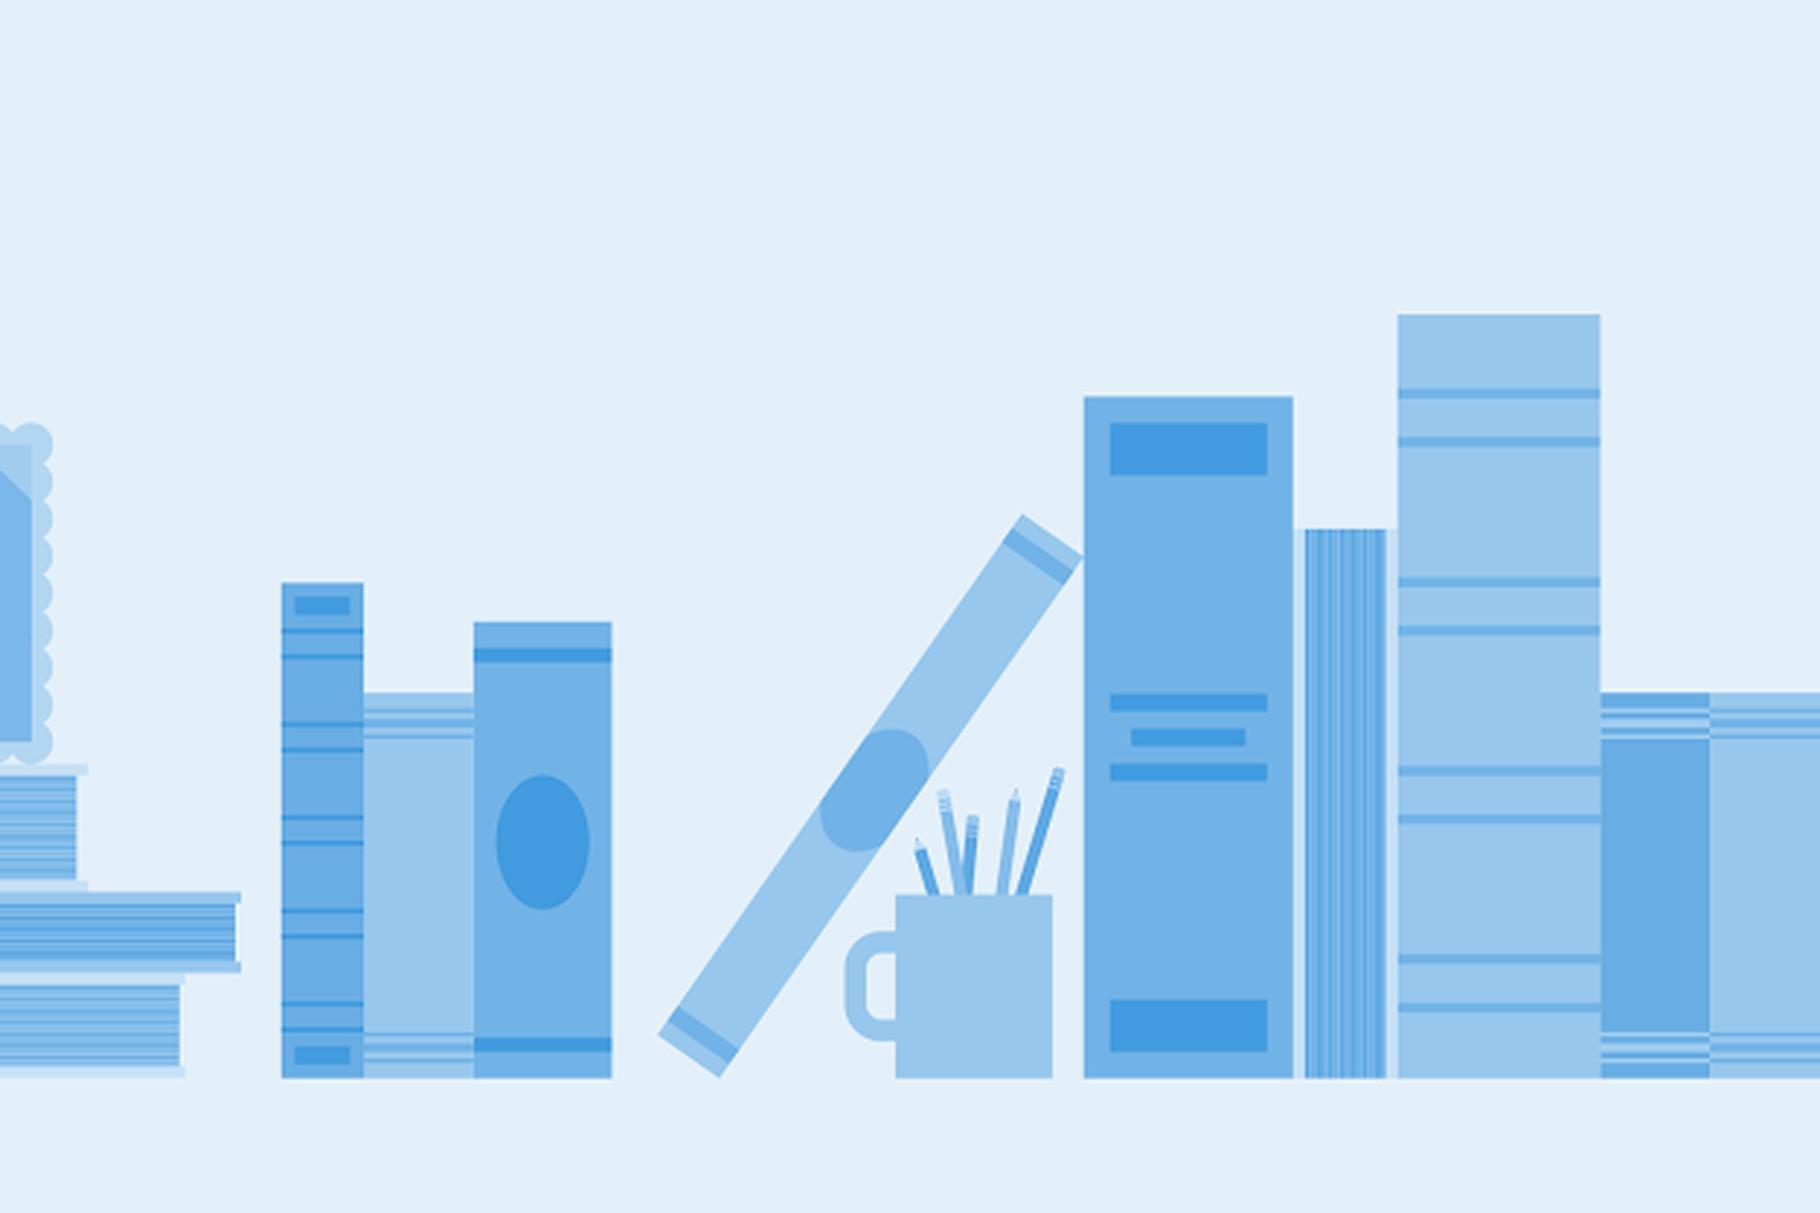 Google Books新增实验性功能:用户可马上测试